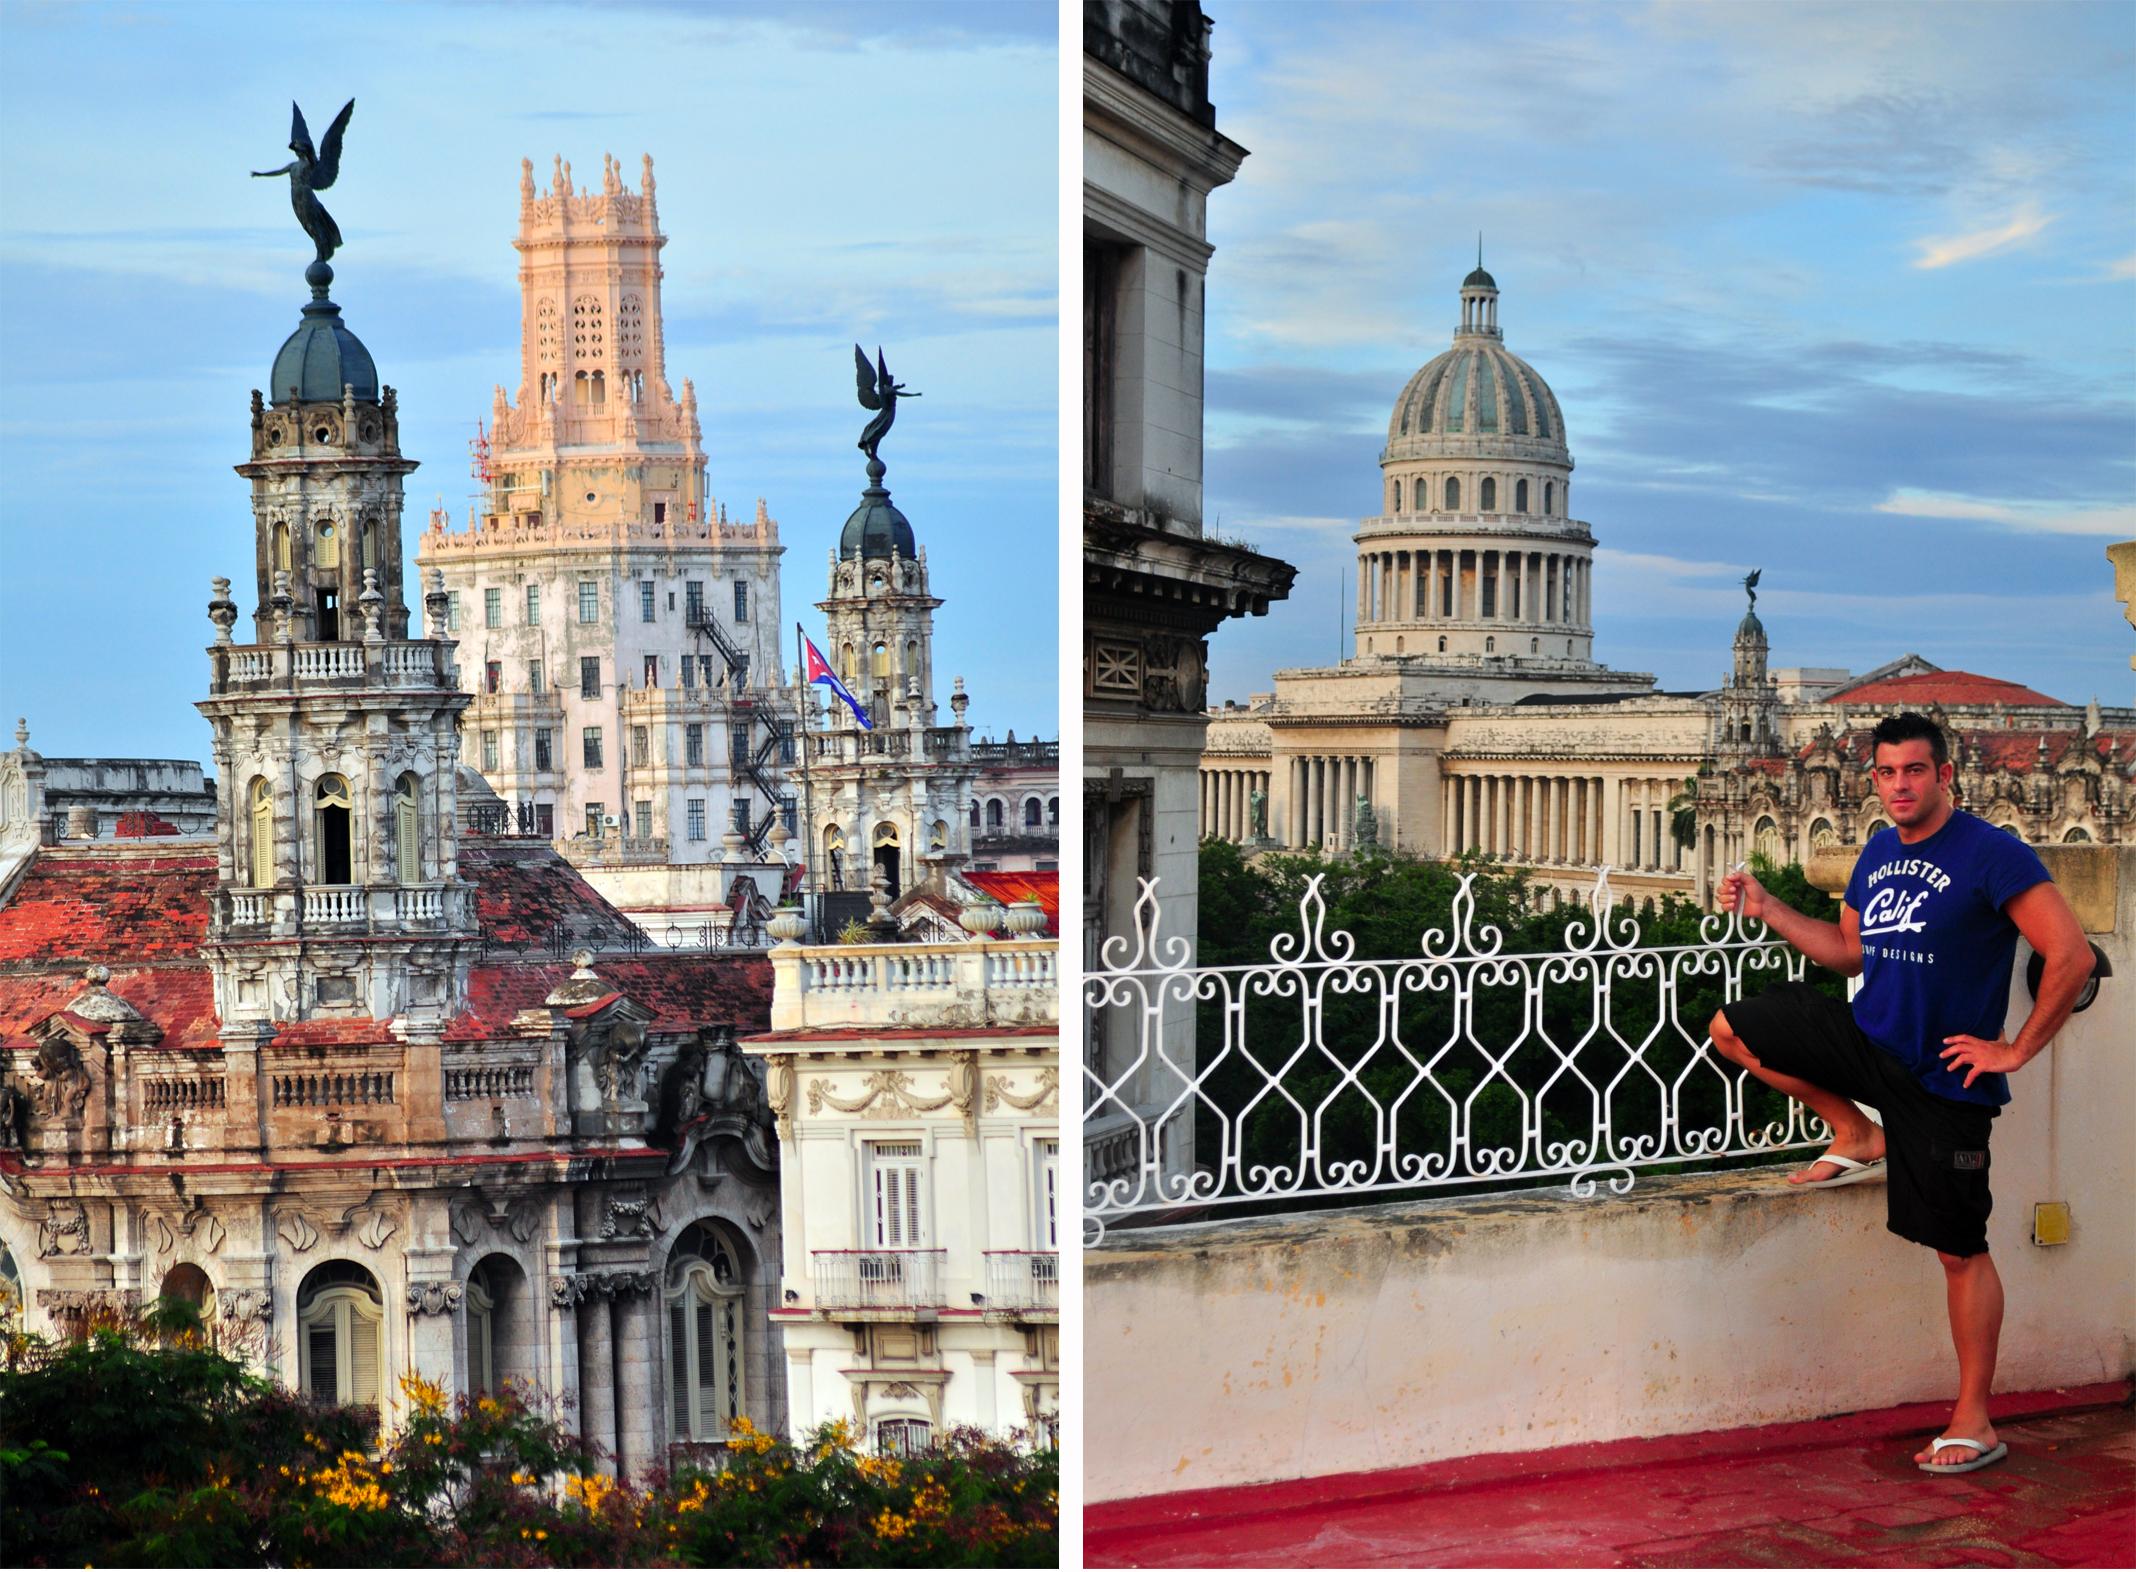 Qué ver en La Habana, Cuba qué ver en la habana, cuba - 31244107736 b8e51789a7 o - Qué ver en La Habana, Cuba